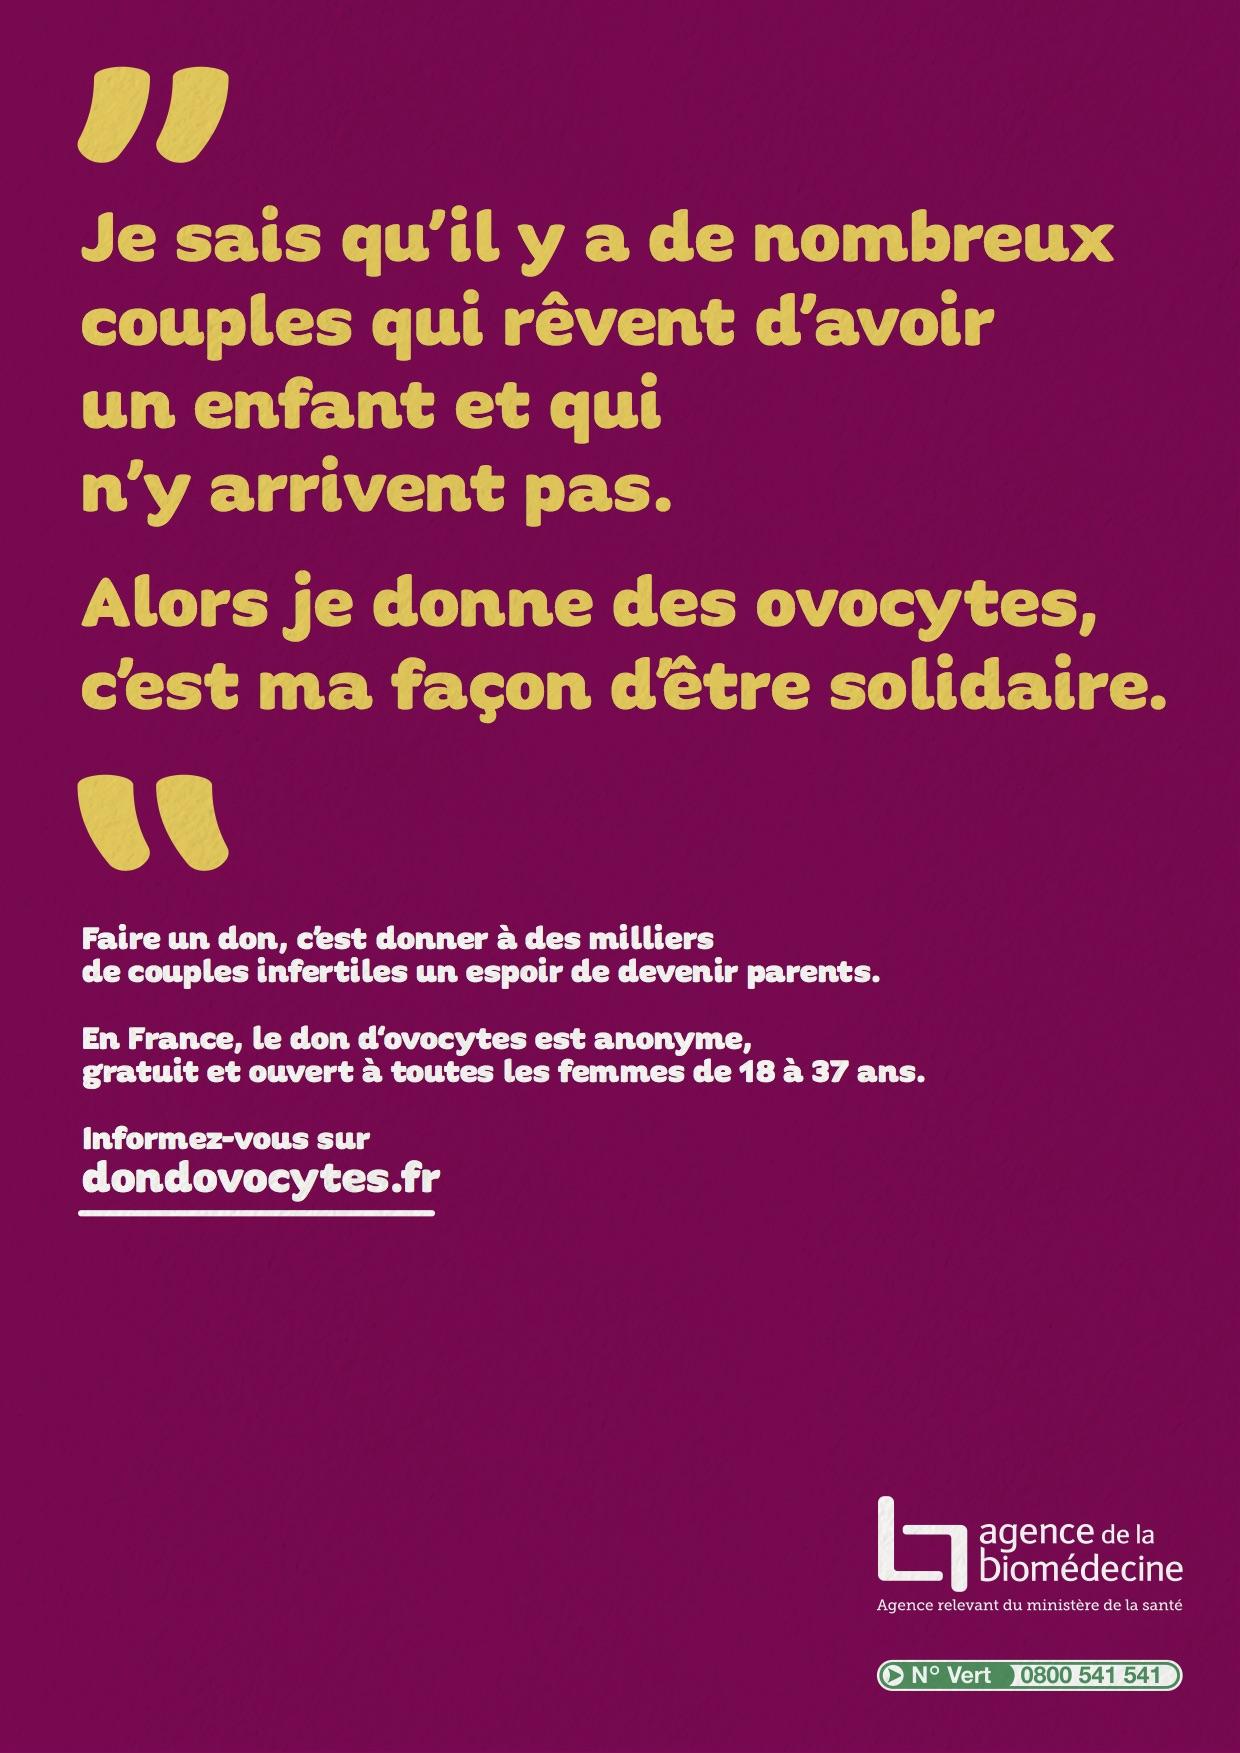 Don Dovocytes Le Site Dinformation De Référence Sur Le Don D